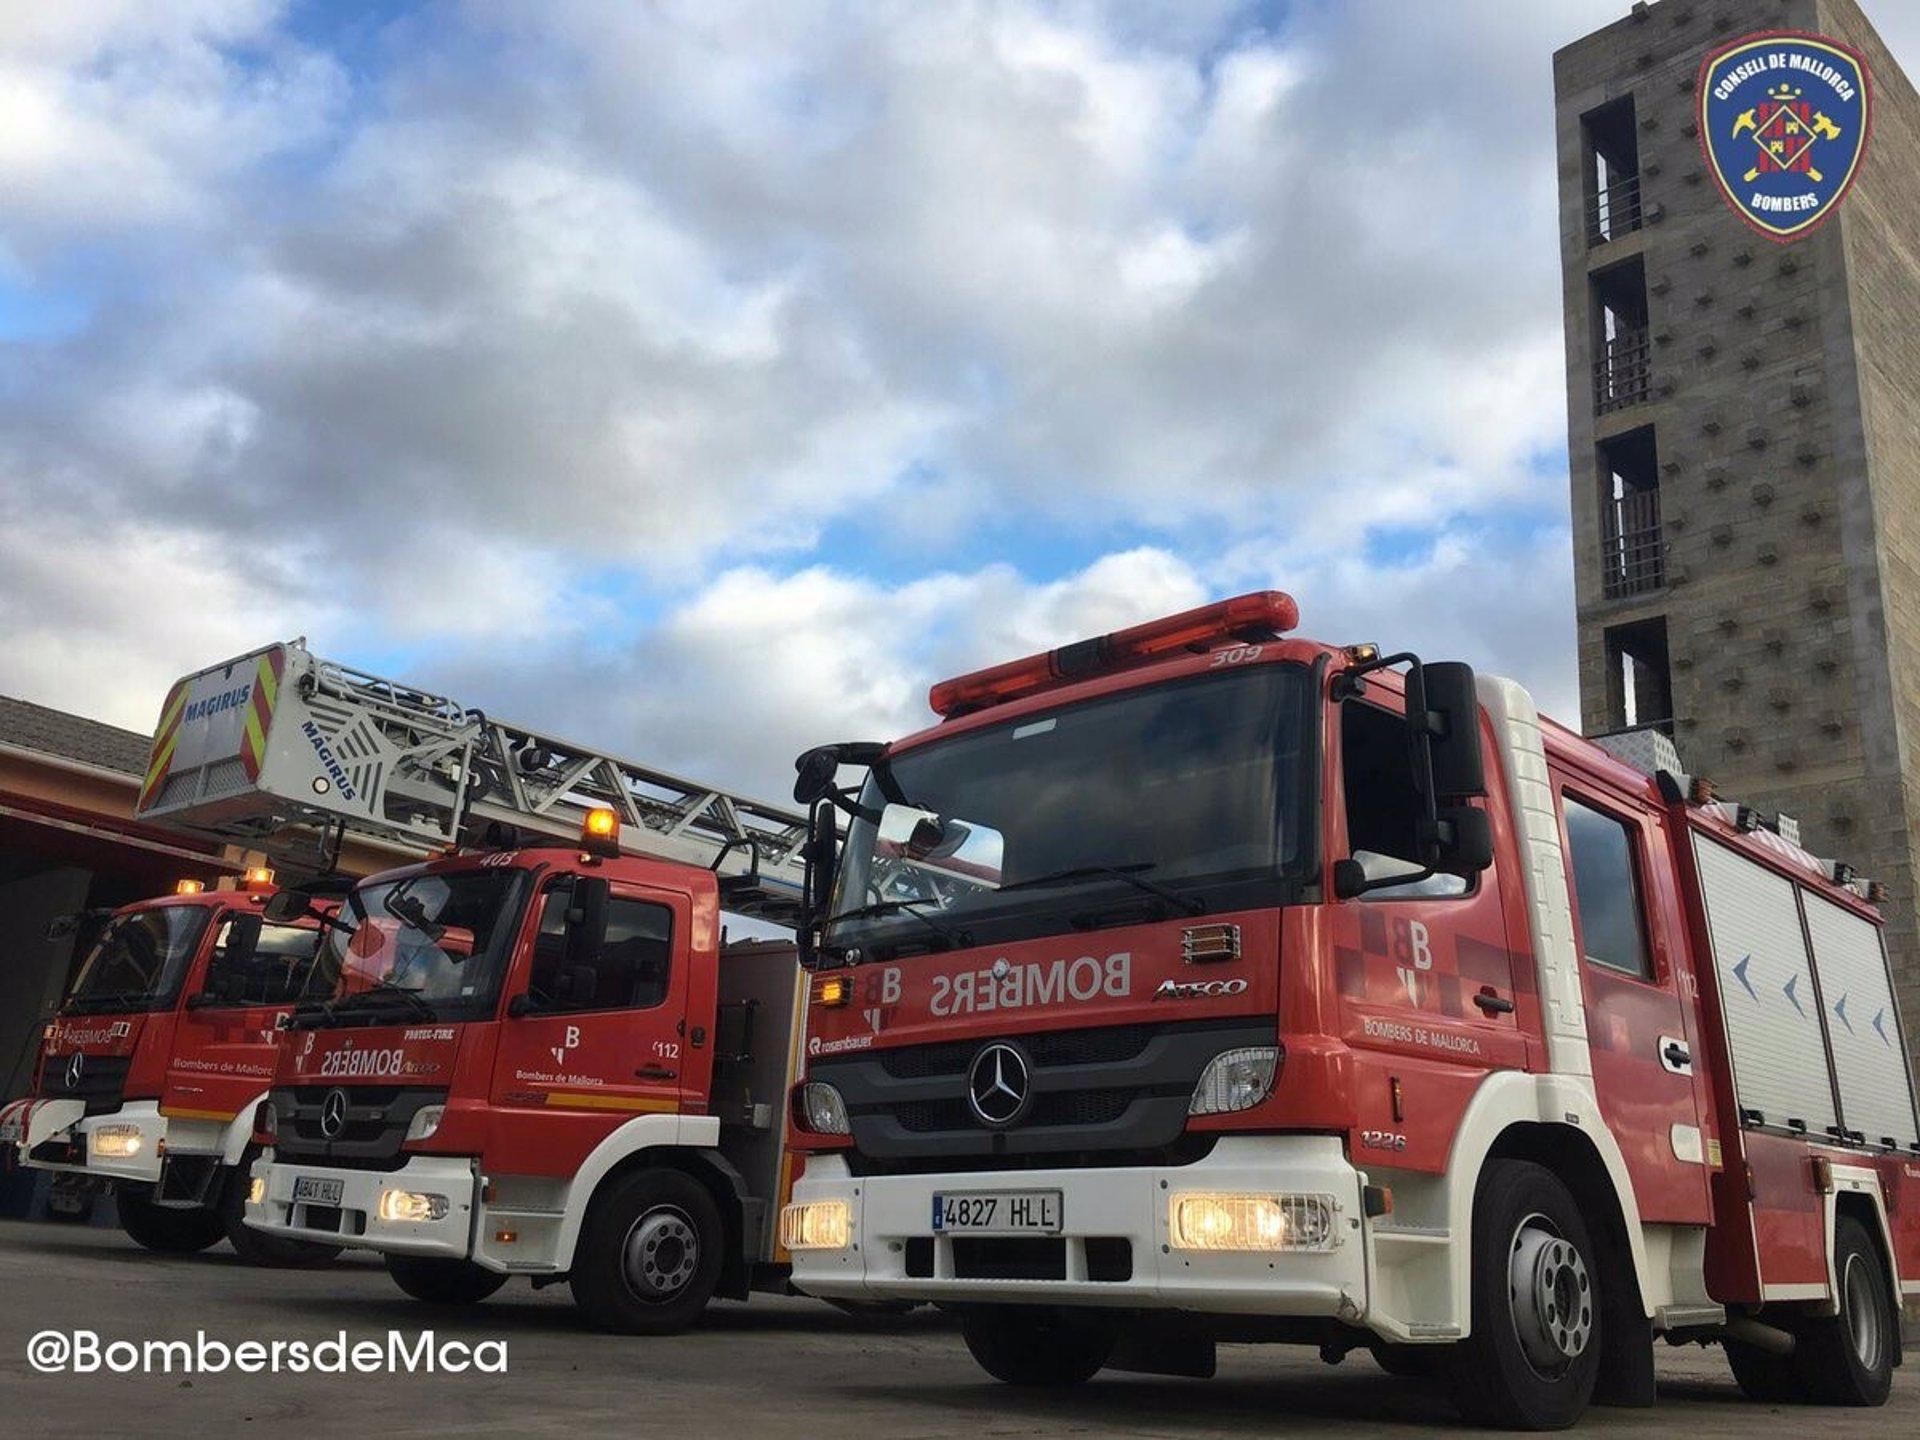 Desalojadas casi 270 personas de un hotel en Costa de los Pinos por un incendio